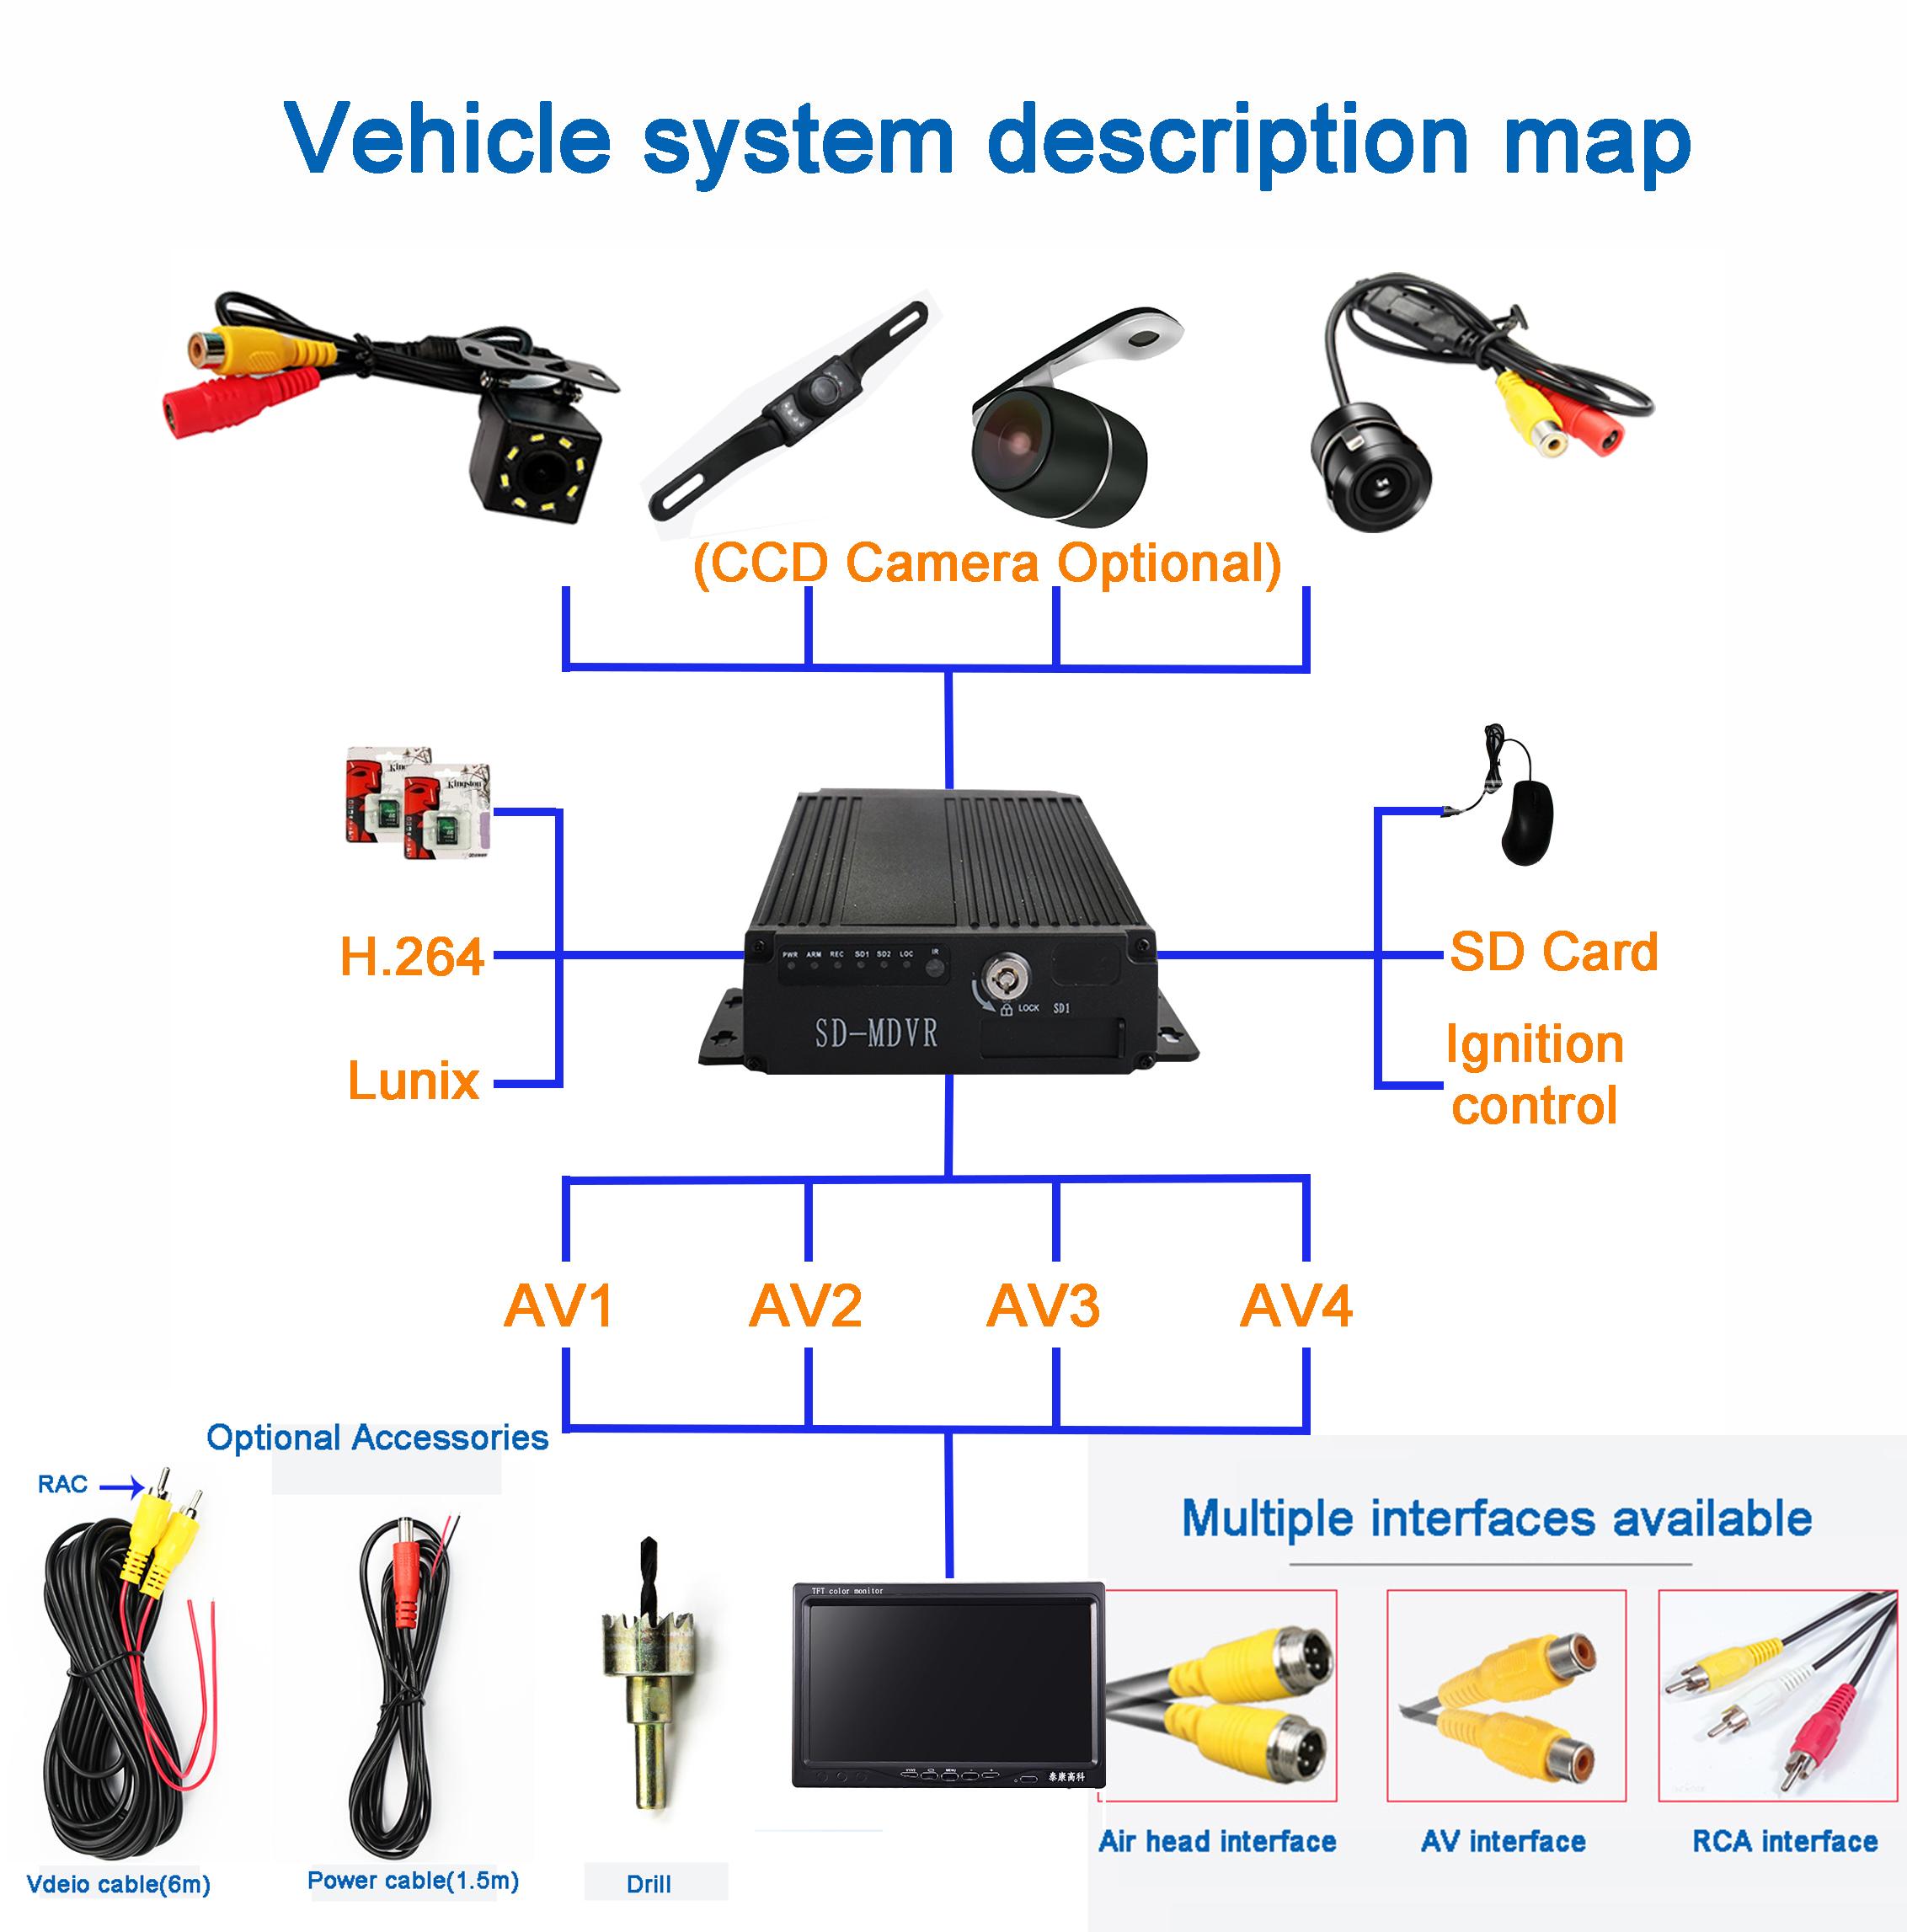 4chs MDVR vehicle system description